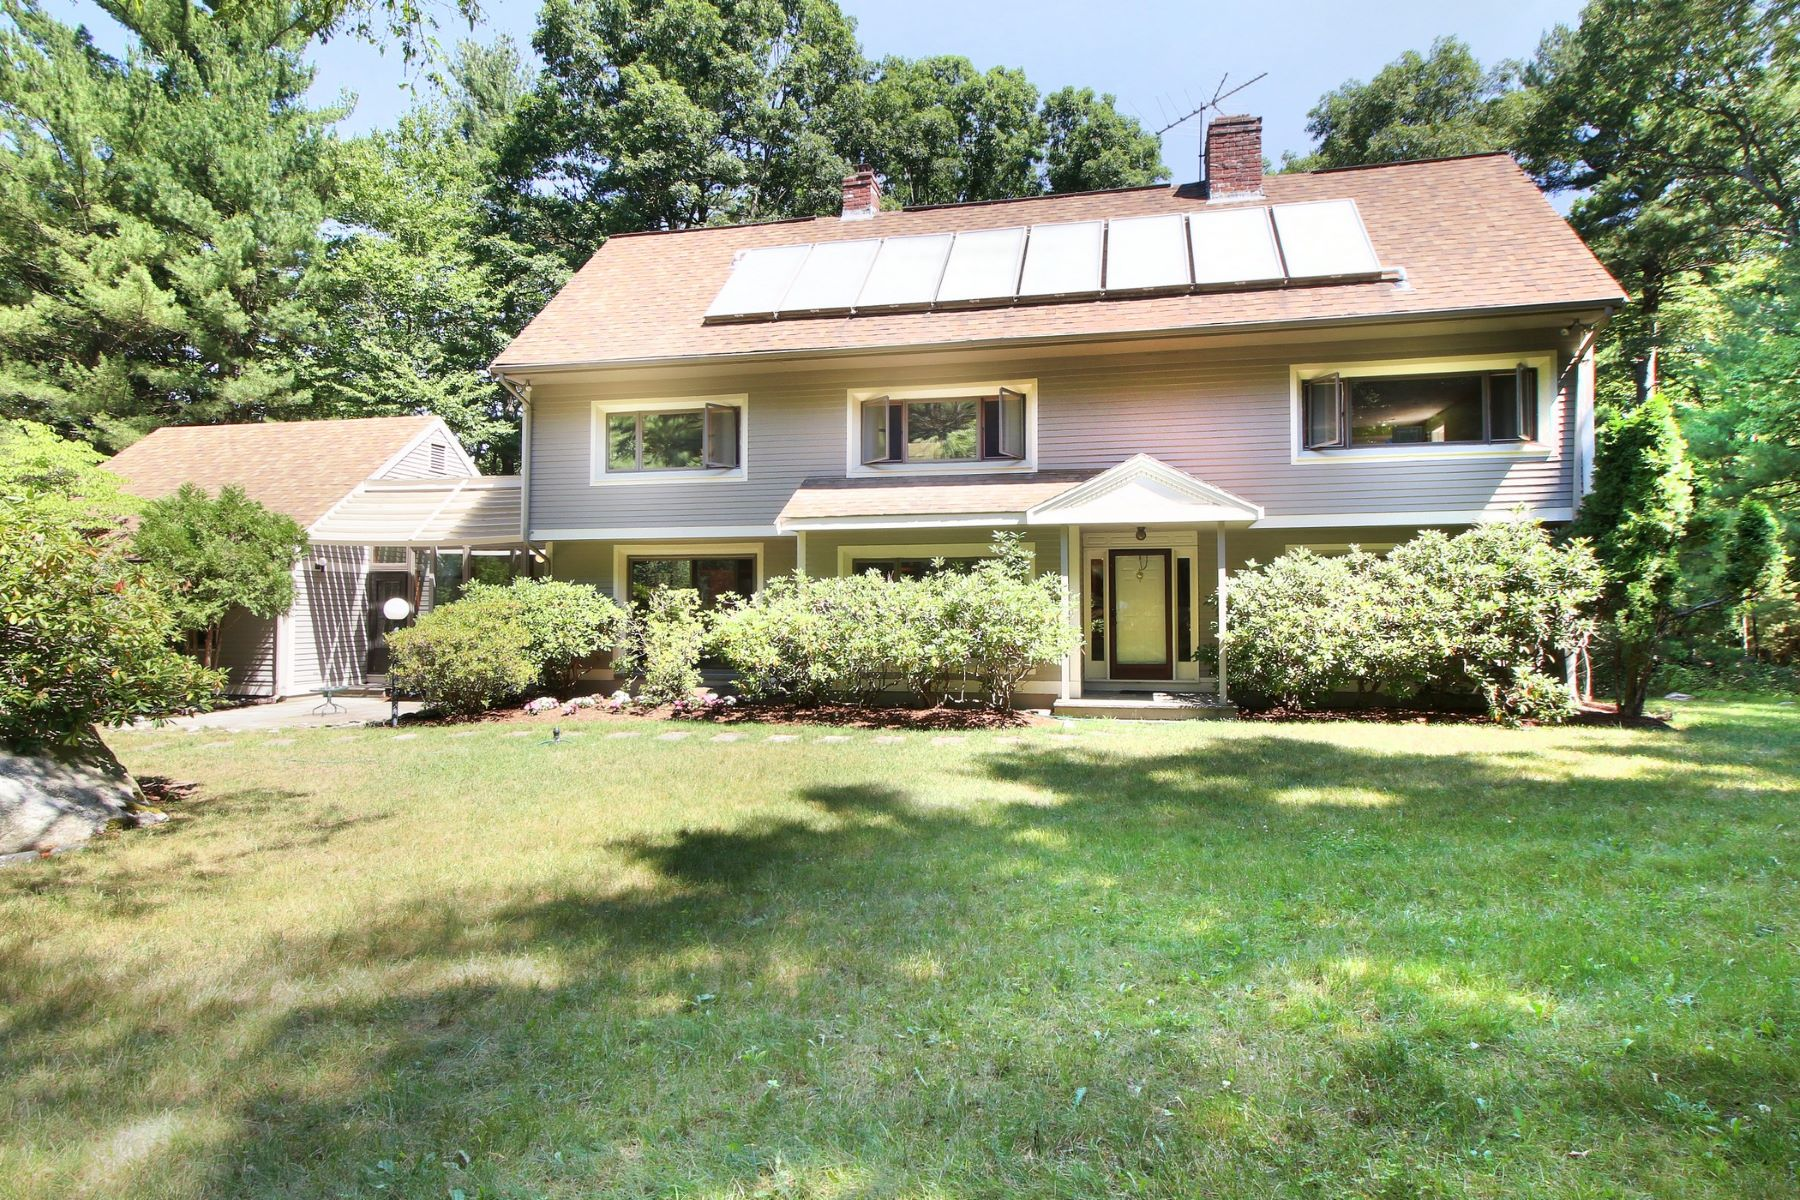 Casa Unifamiliar por un Venta en Contemporary with connection to nature 14 Oak Meadow Rd Lincoln, Massachusetts, 01773 Estados Unidos